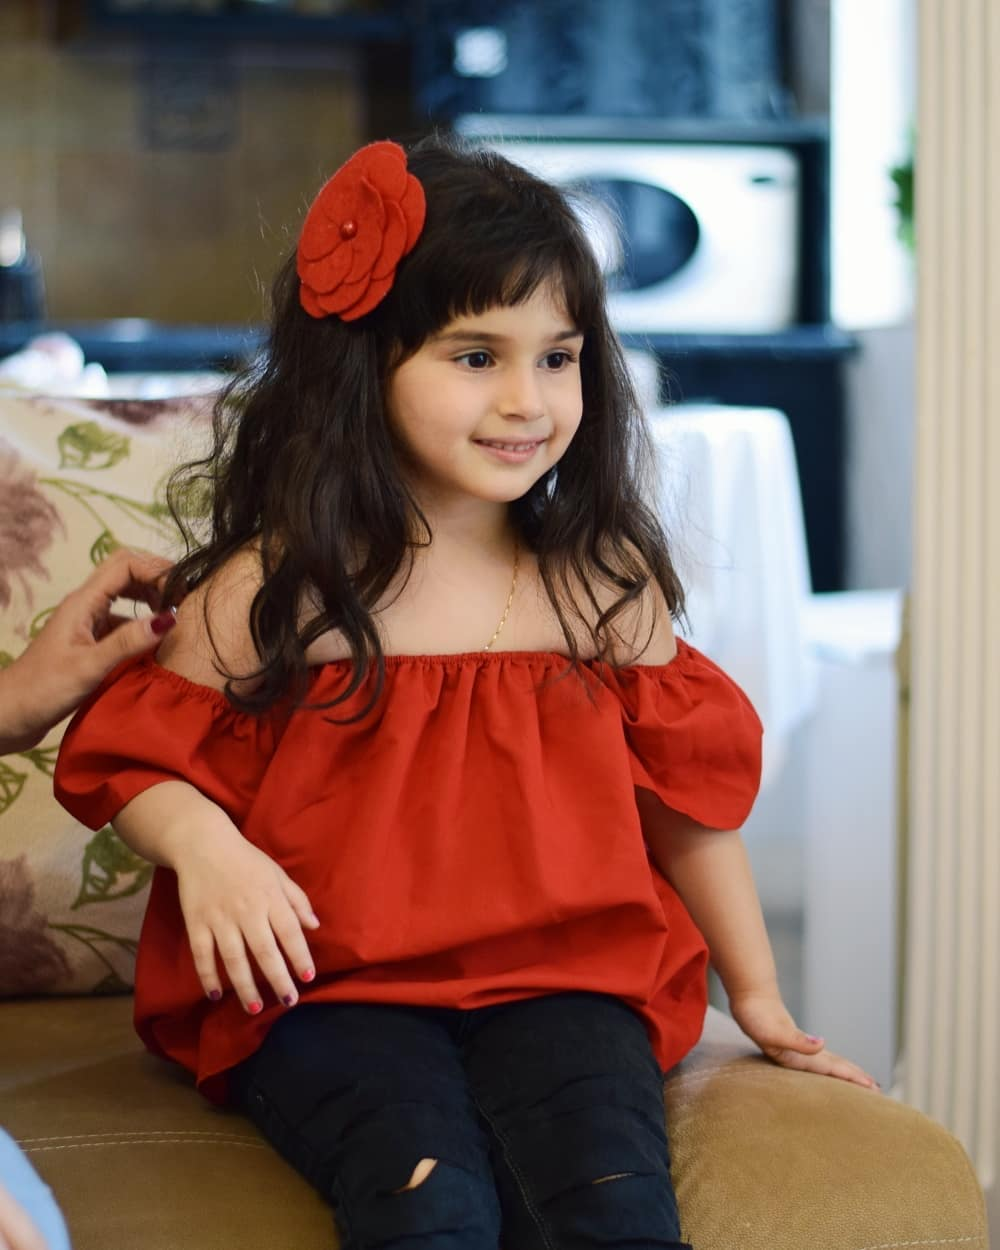 دختر بچه خوش تیپ